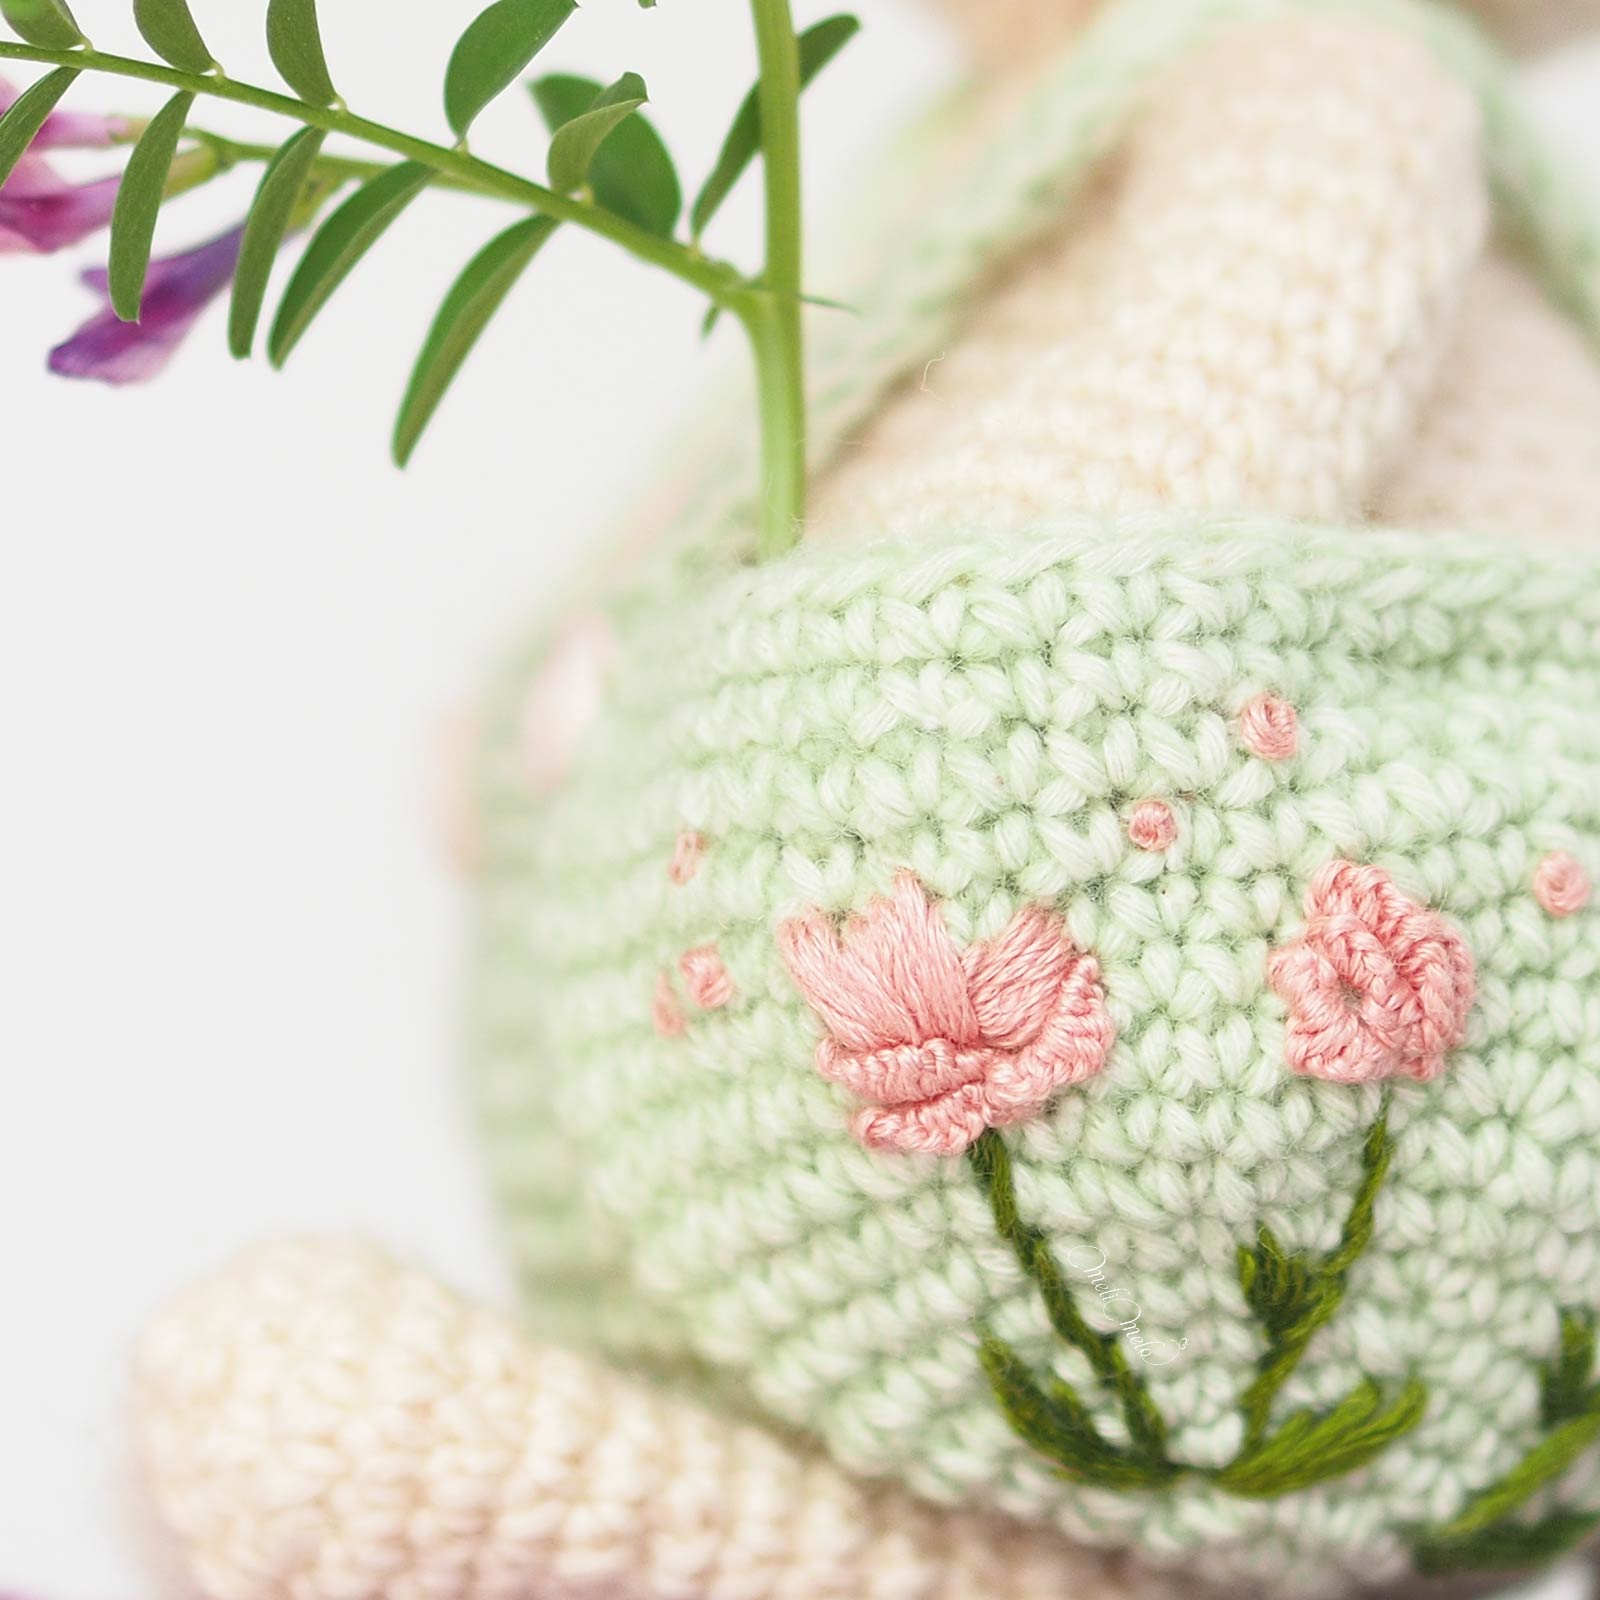 broderie-pivoines-sur-mailles-crochet-amigurumi-laboutiquedemelimelo